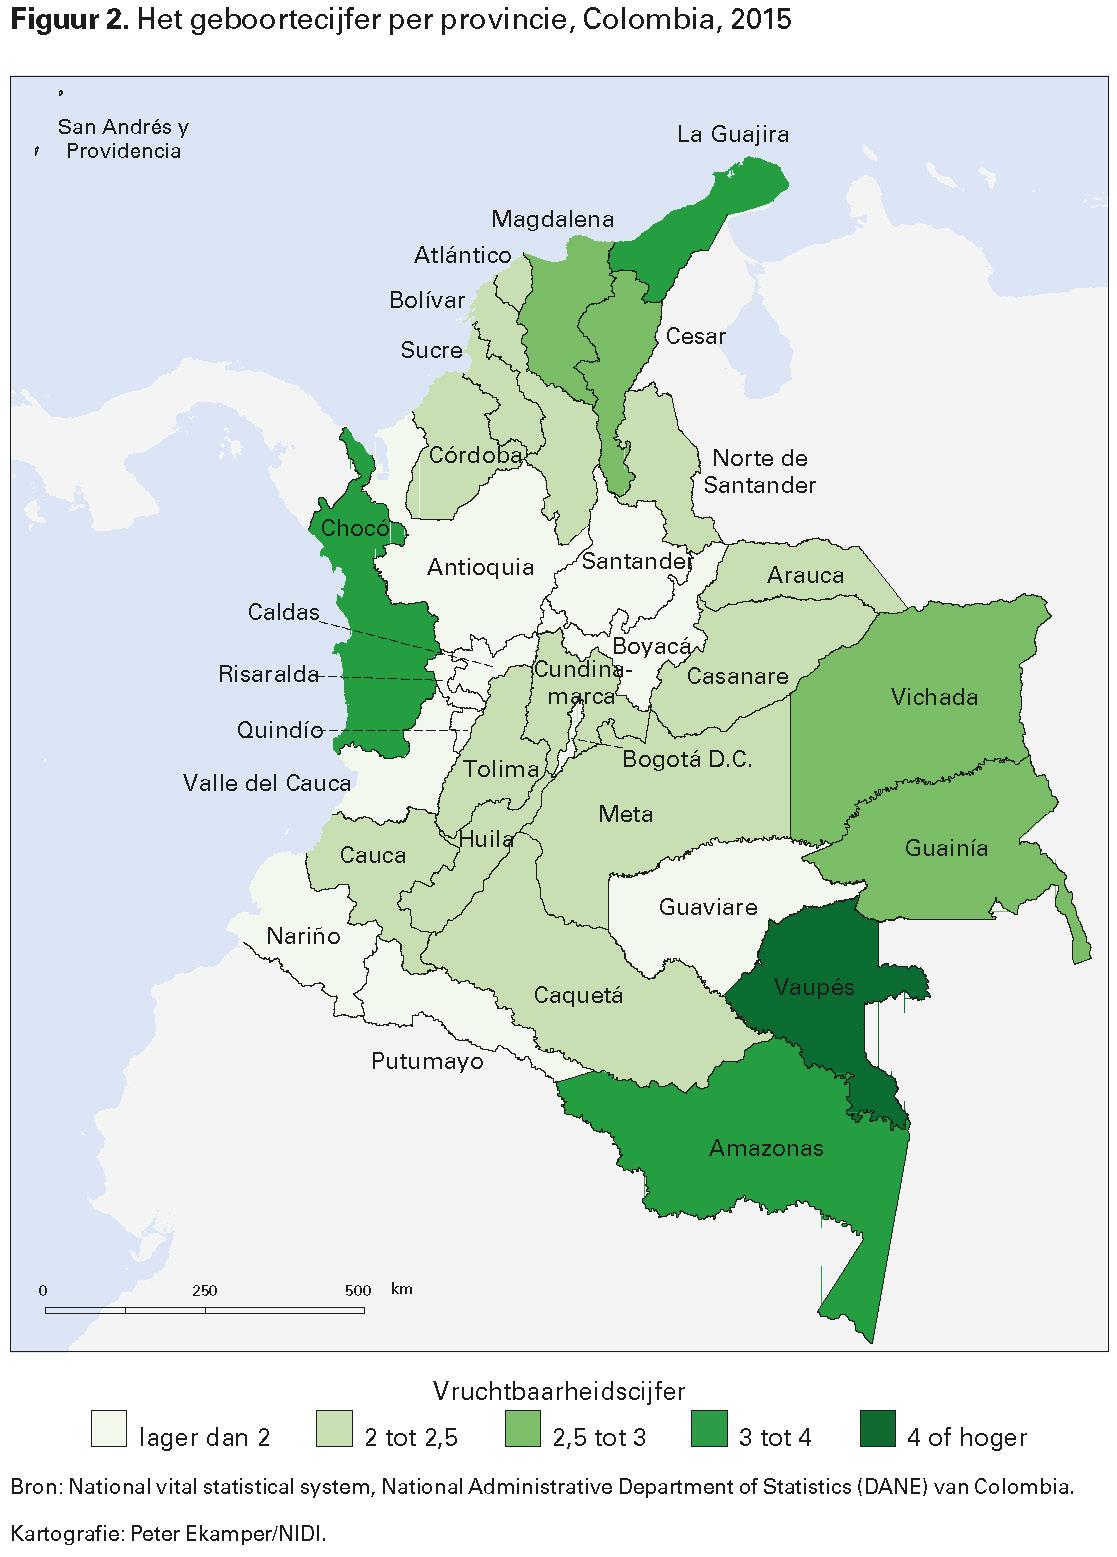 Figuur 2. Het geboortecijfer per provincie, Colombia, 2015